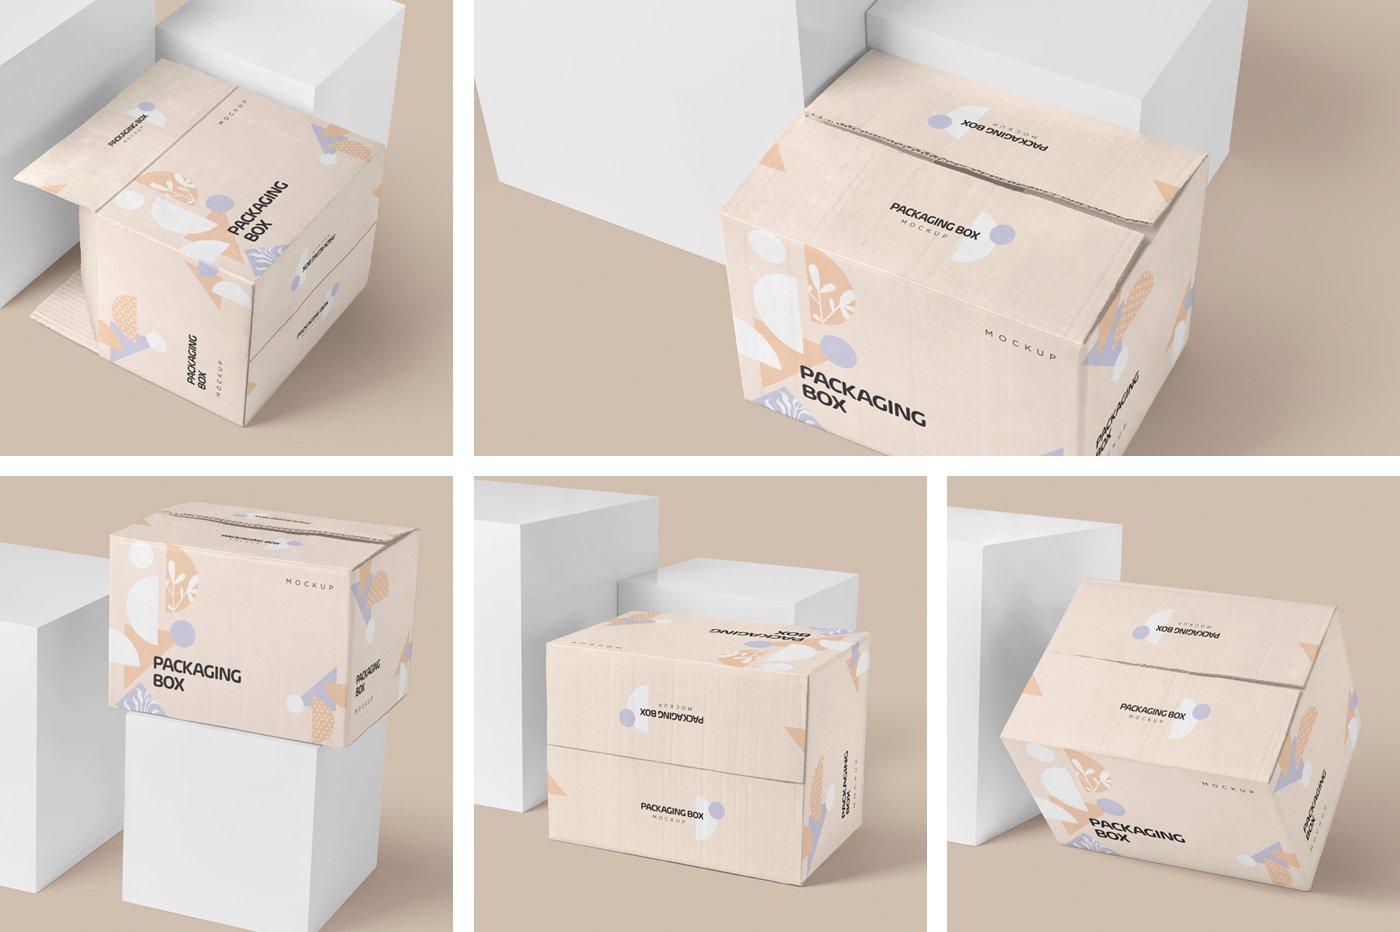 矩形瓦楞硬纸板快递包装箱设计展示样机 Rectangular Cardboard Box Mockups插图(6)